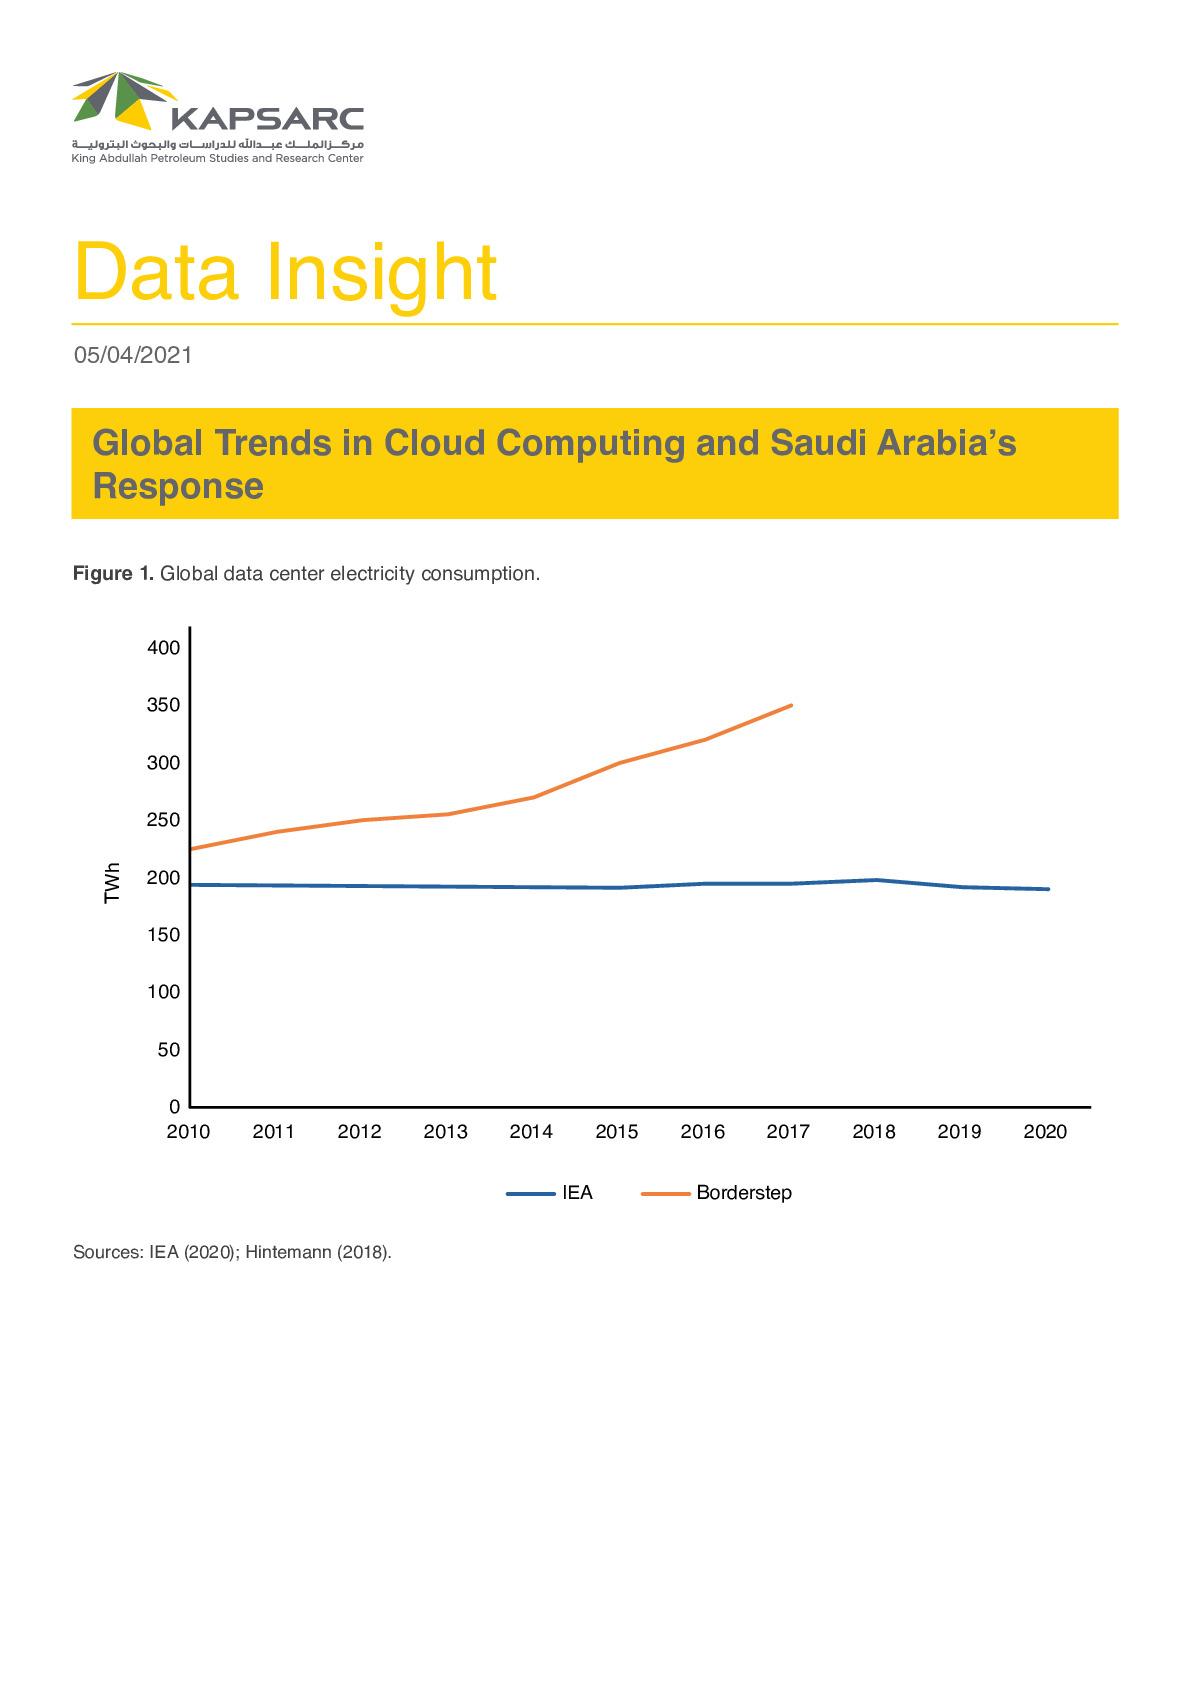 Global Trends in Cloud Computing and Saudi Arabia's Response